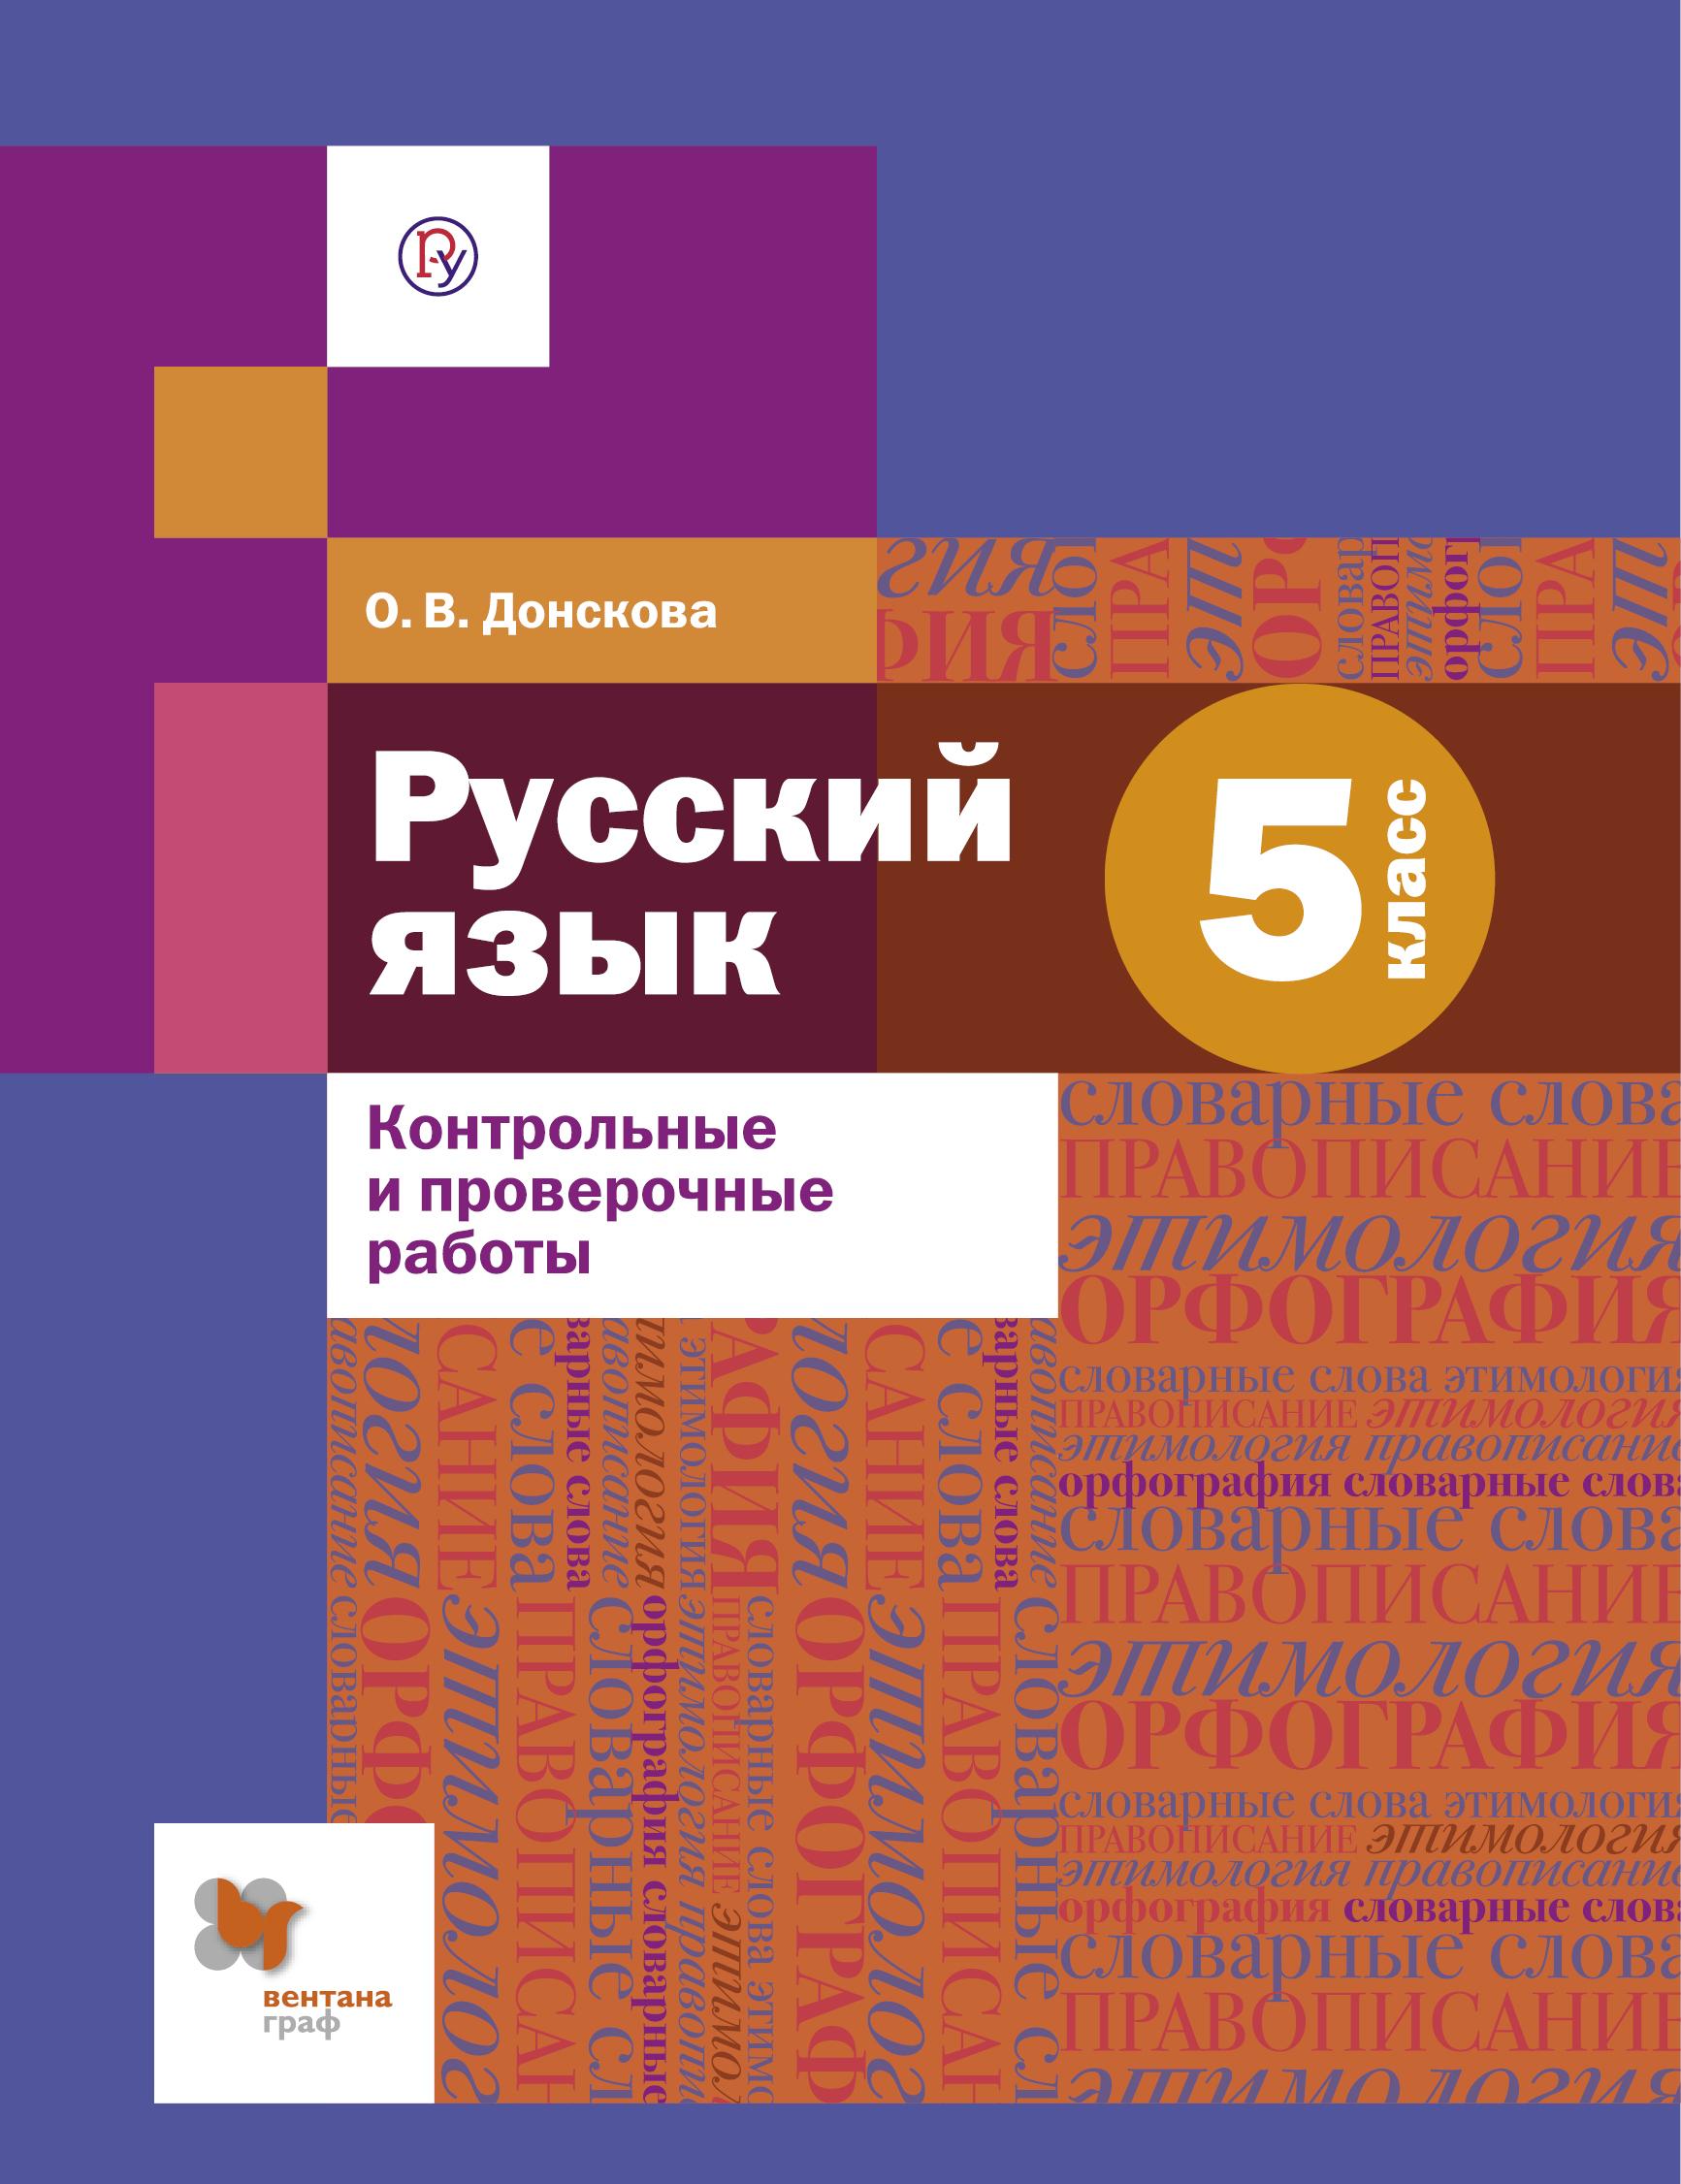 Русский язык. 5 класс. Контрольные и проверочные работы.